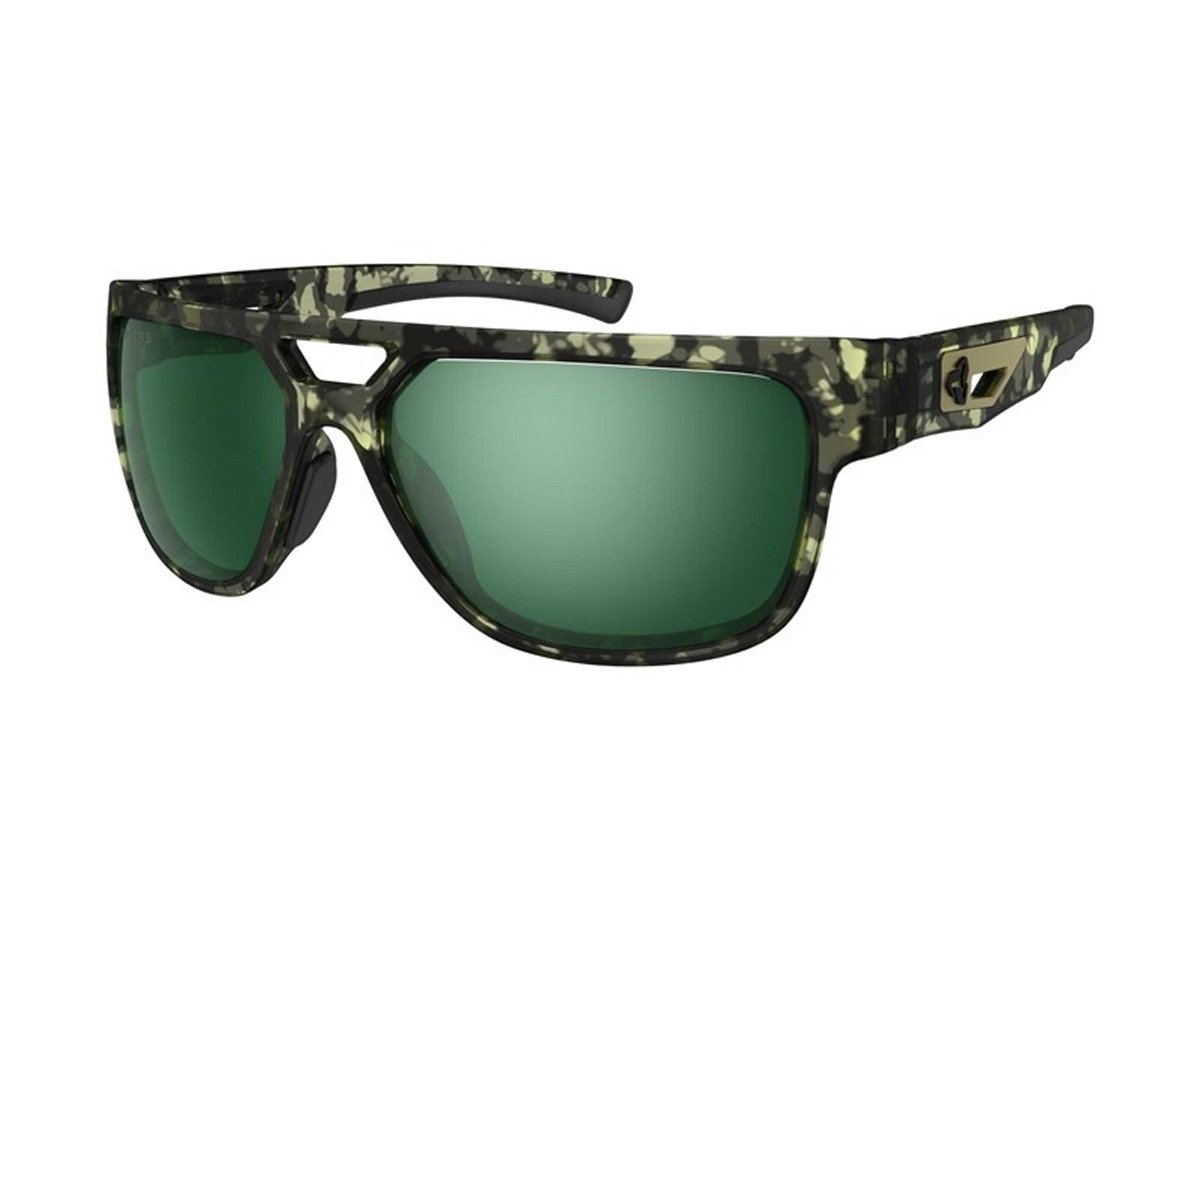 Ryders Eyewear Cakewalk Standard Sunglasses